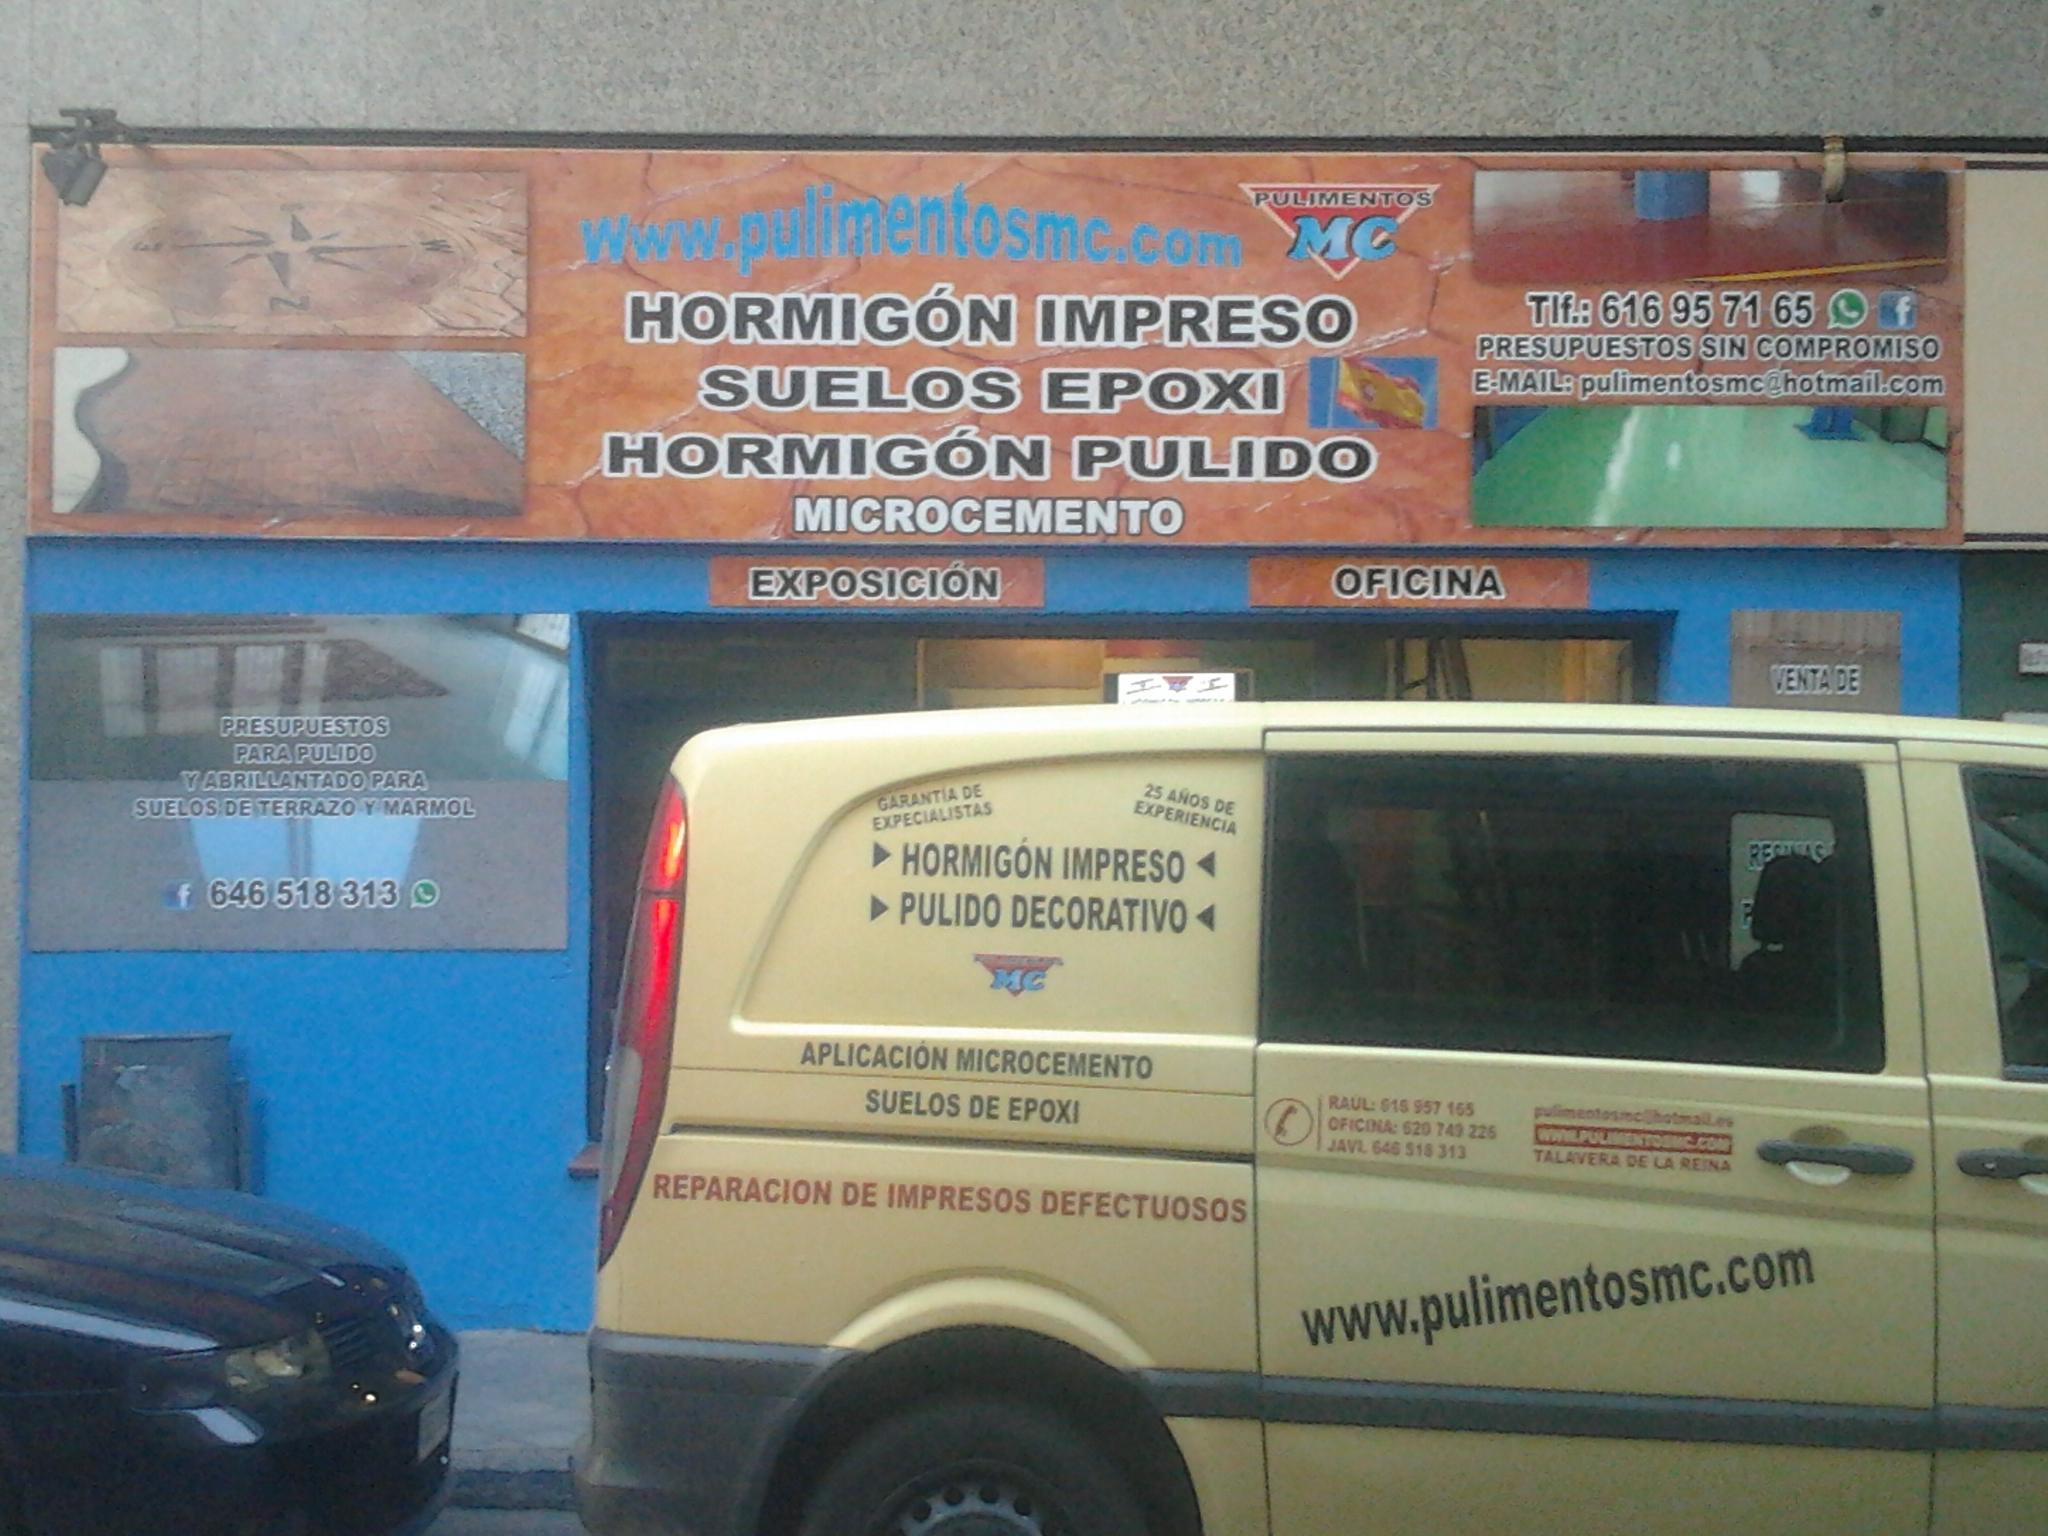 Hormigon Impreso Www.pulimentosmc.com